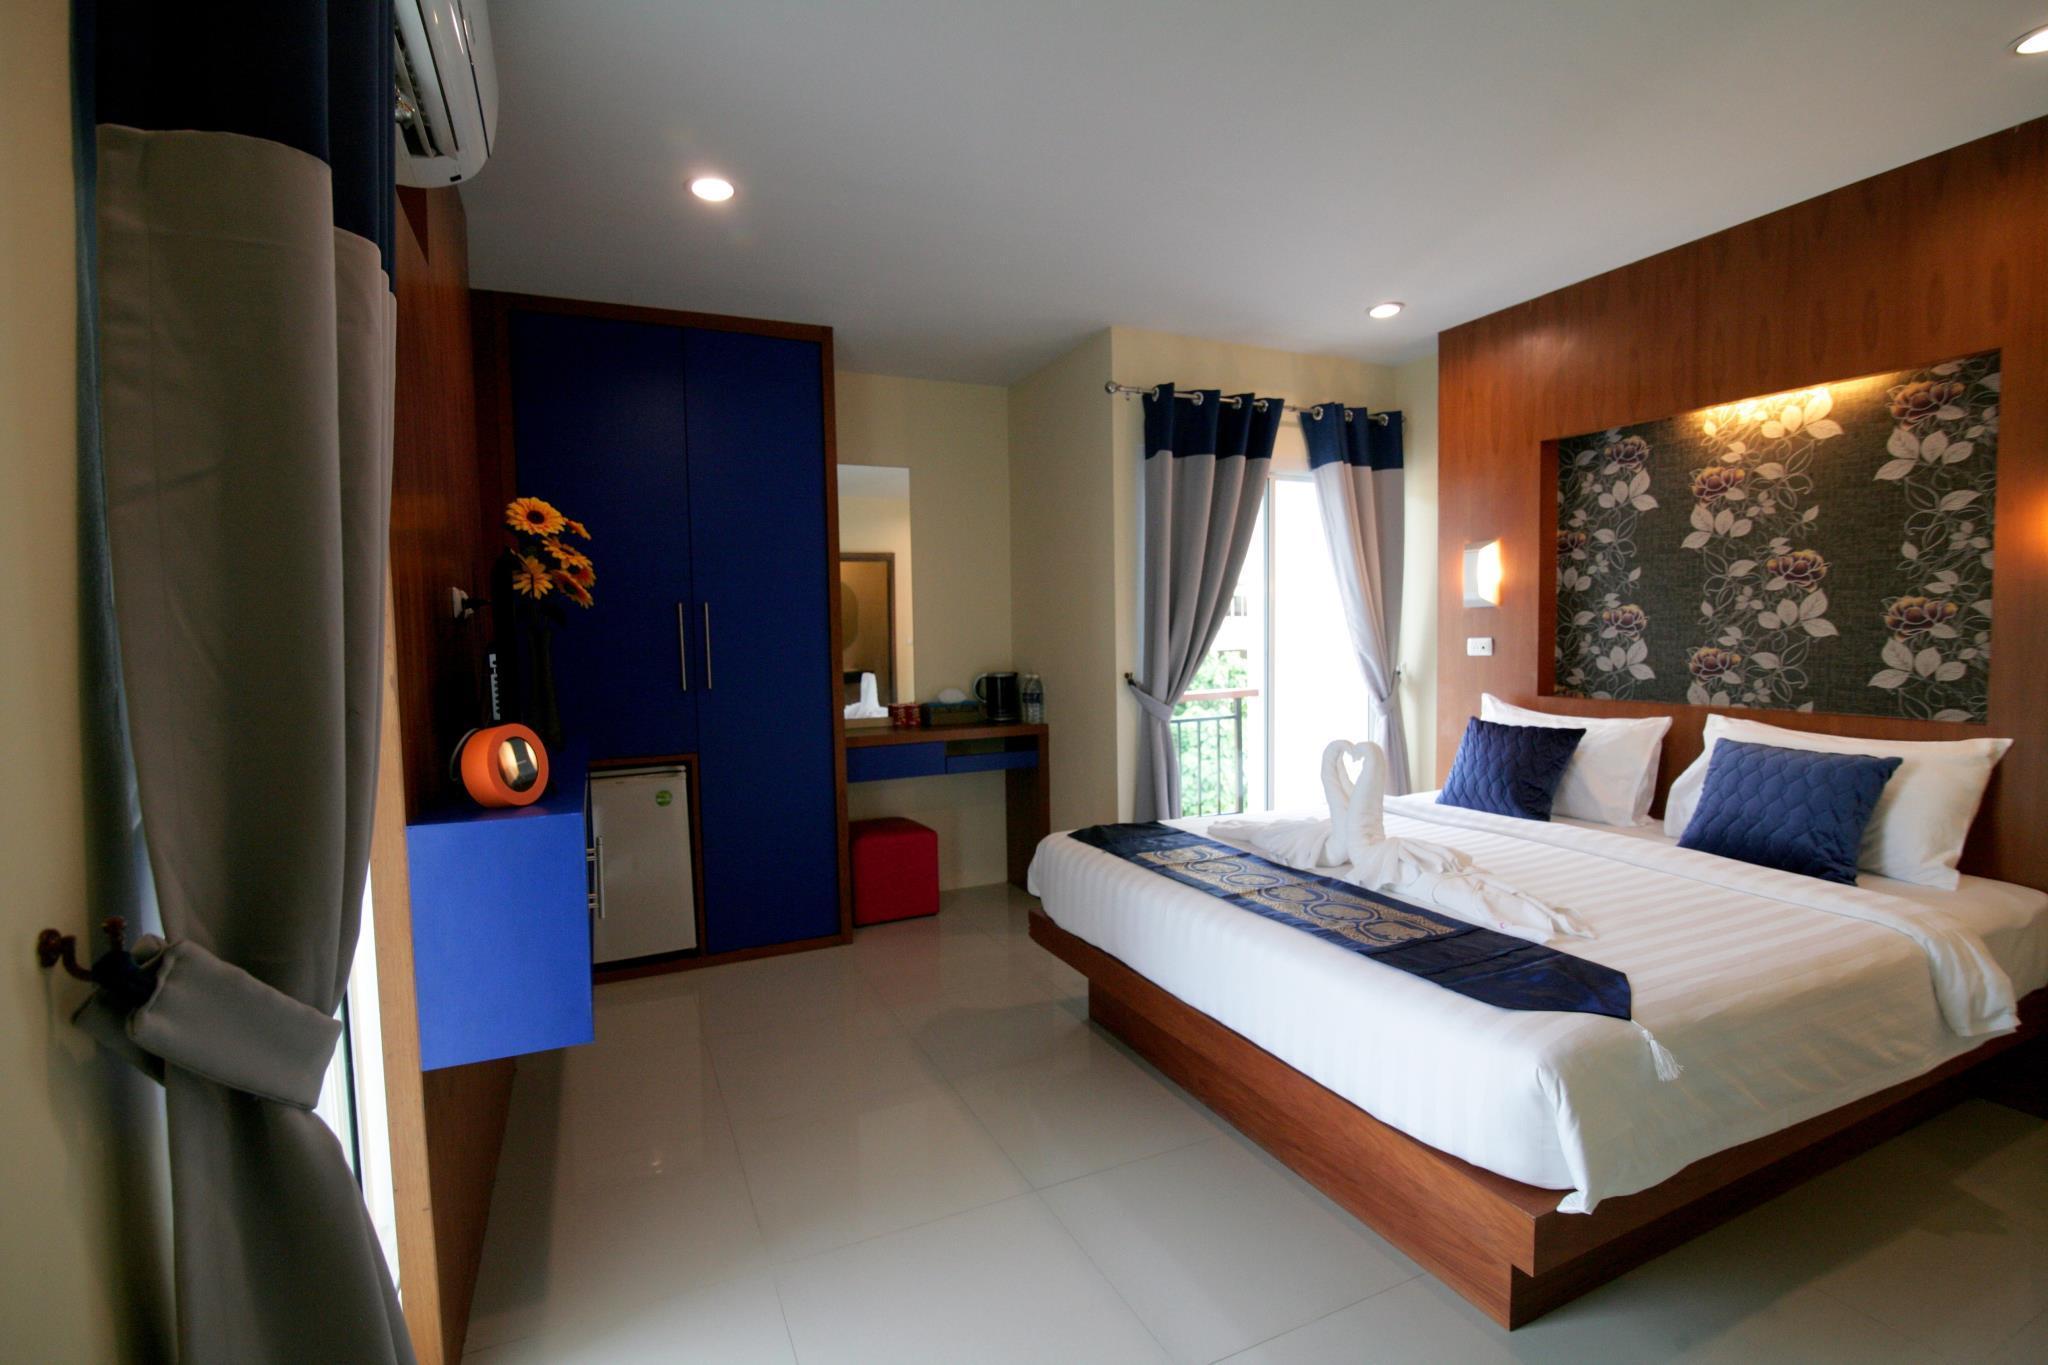 โรงแรมคาลิปโซ ป่าตอง